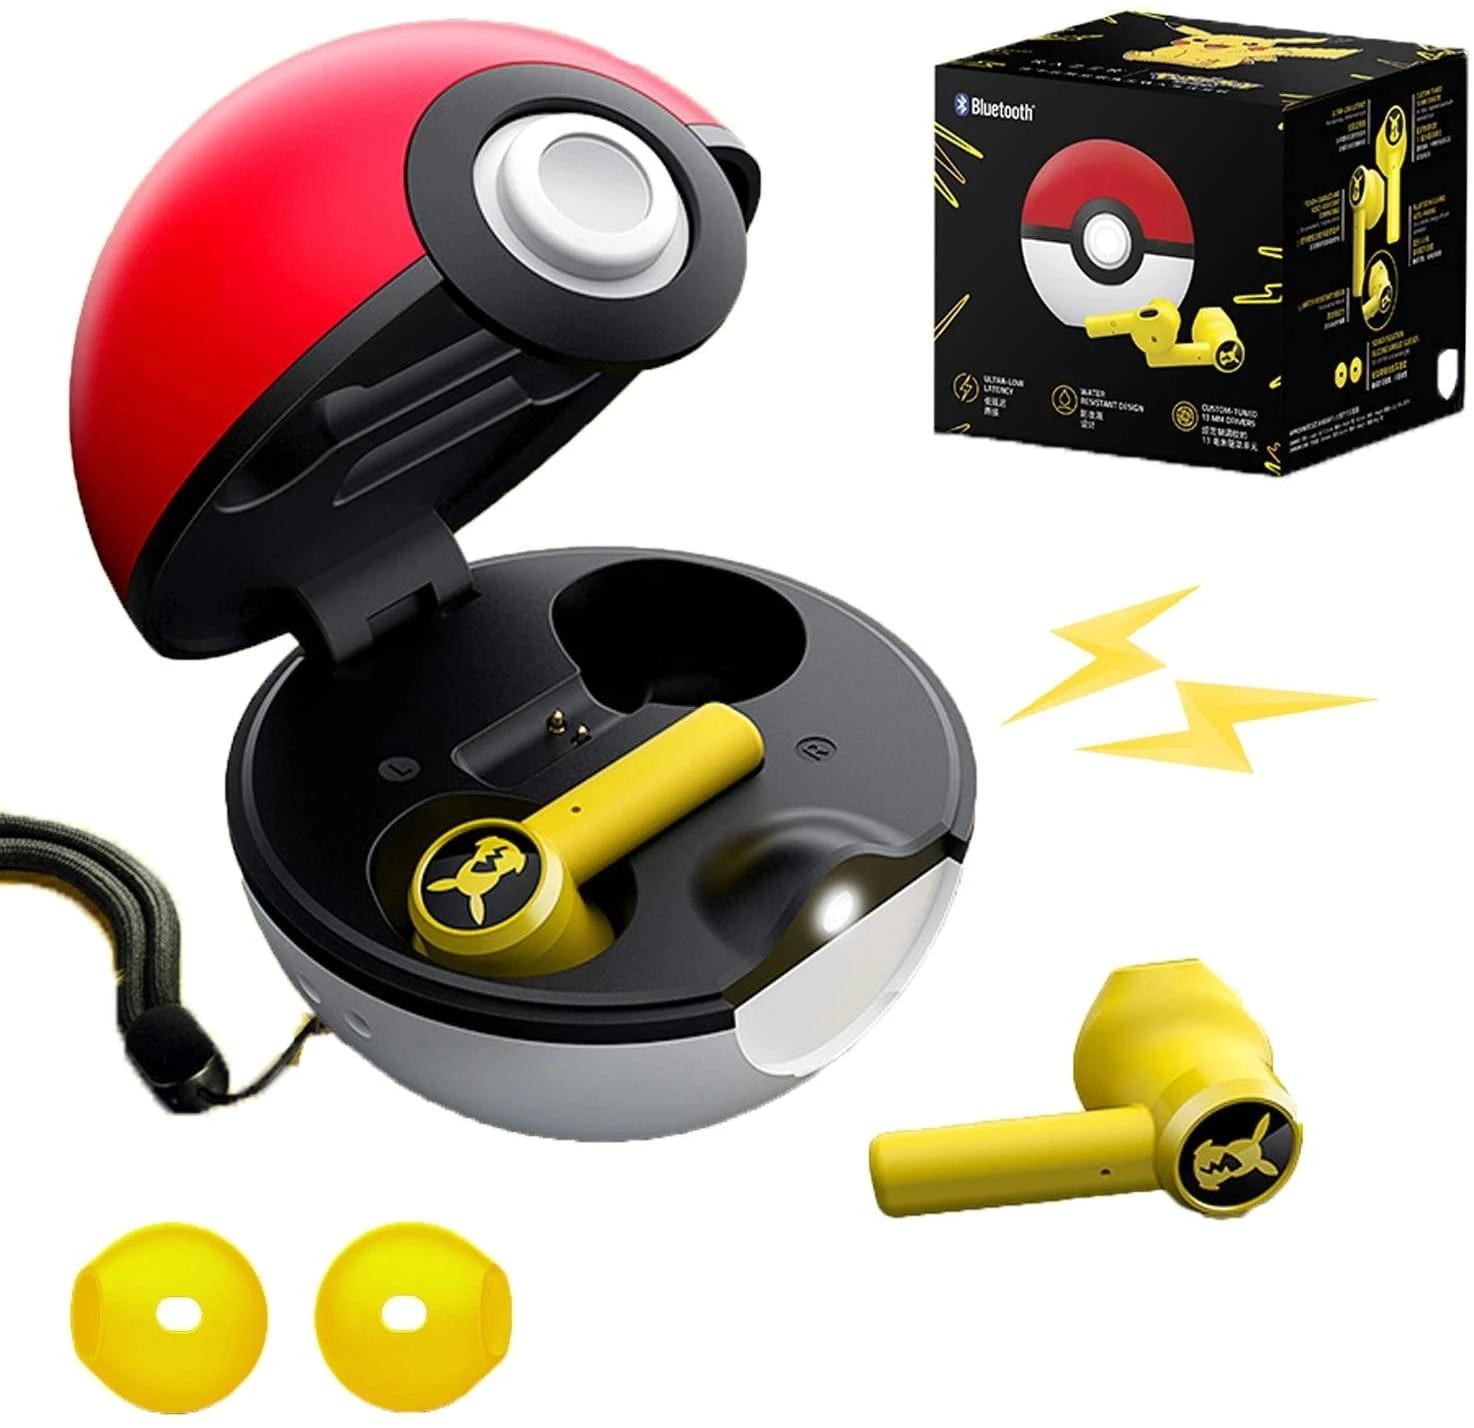 2021 Новая гарнитура Bluetooth Poké-Mon-гарнитура Pikachu Bluetooth 5,0 с сенсорным управлением, дизайн кармана для зарядки Pokeball